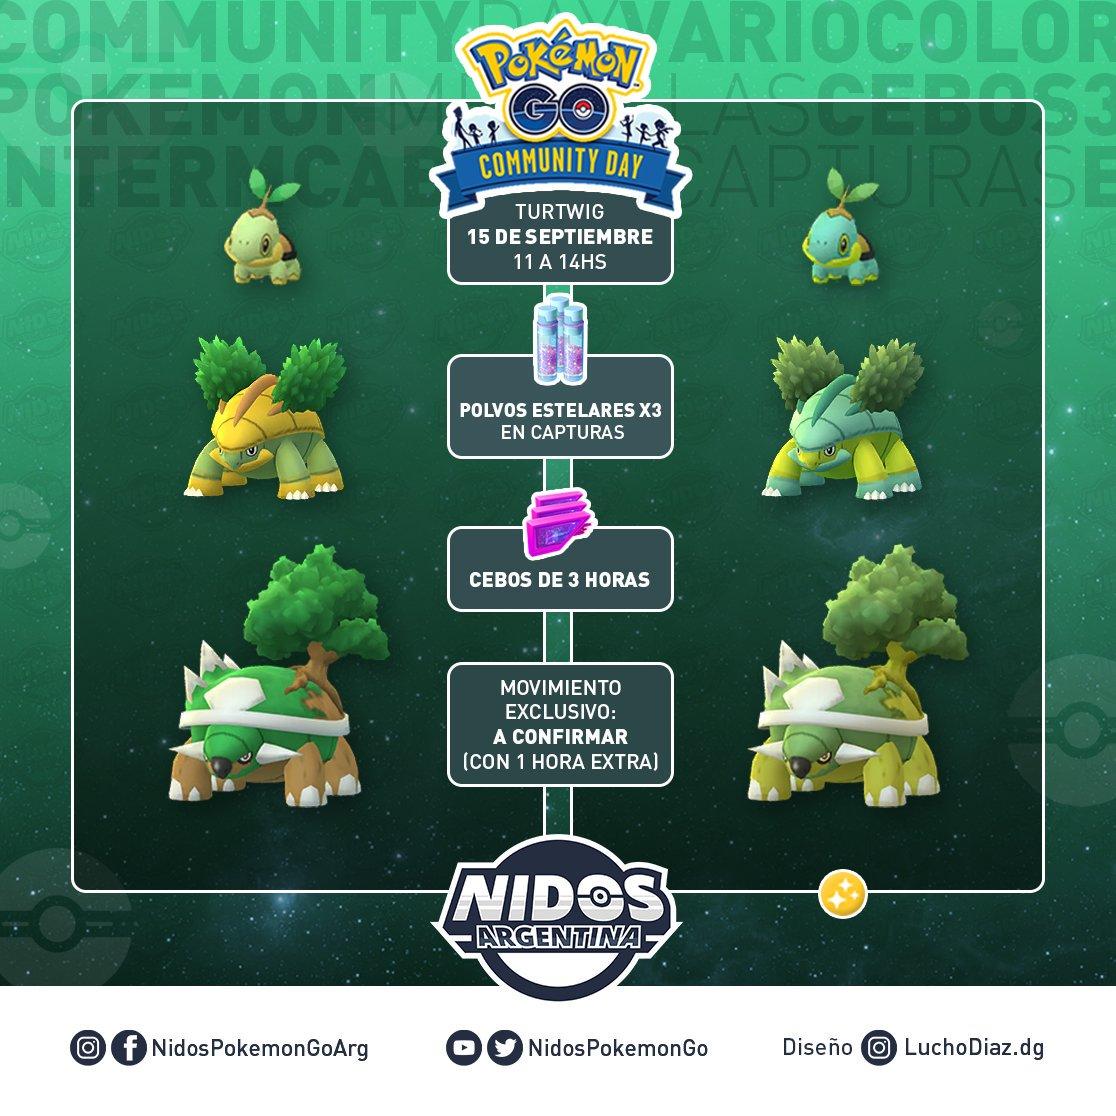 Imagen de Turtwig y sus evoluciones normal y shiny en Pokémon GO hecho por Nidos Pokémon GO Argentina